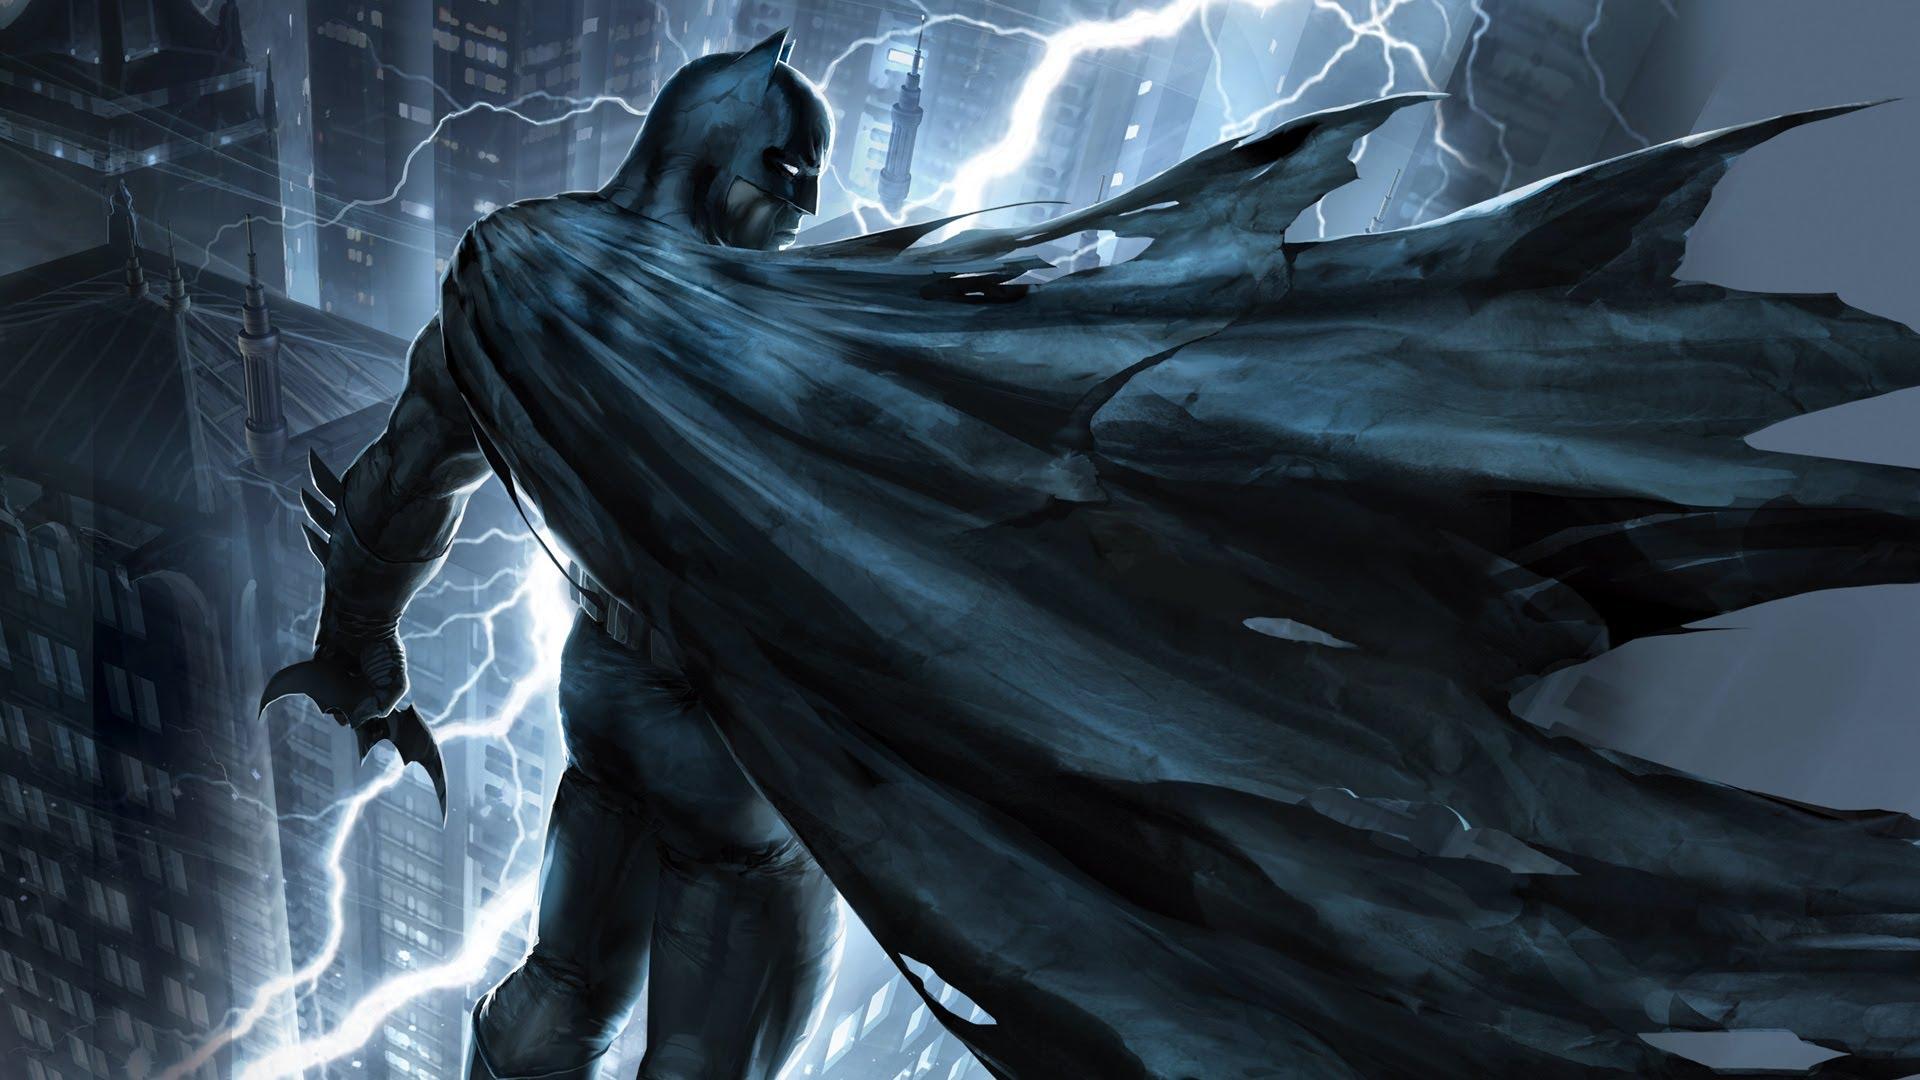 10 nejlepších filmů s Batmanem 12548